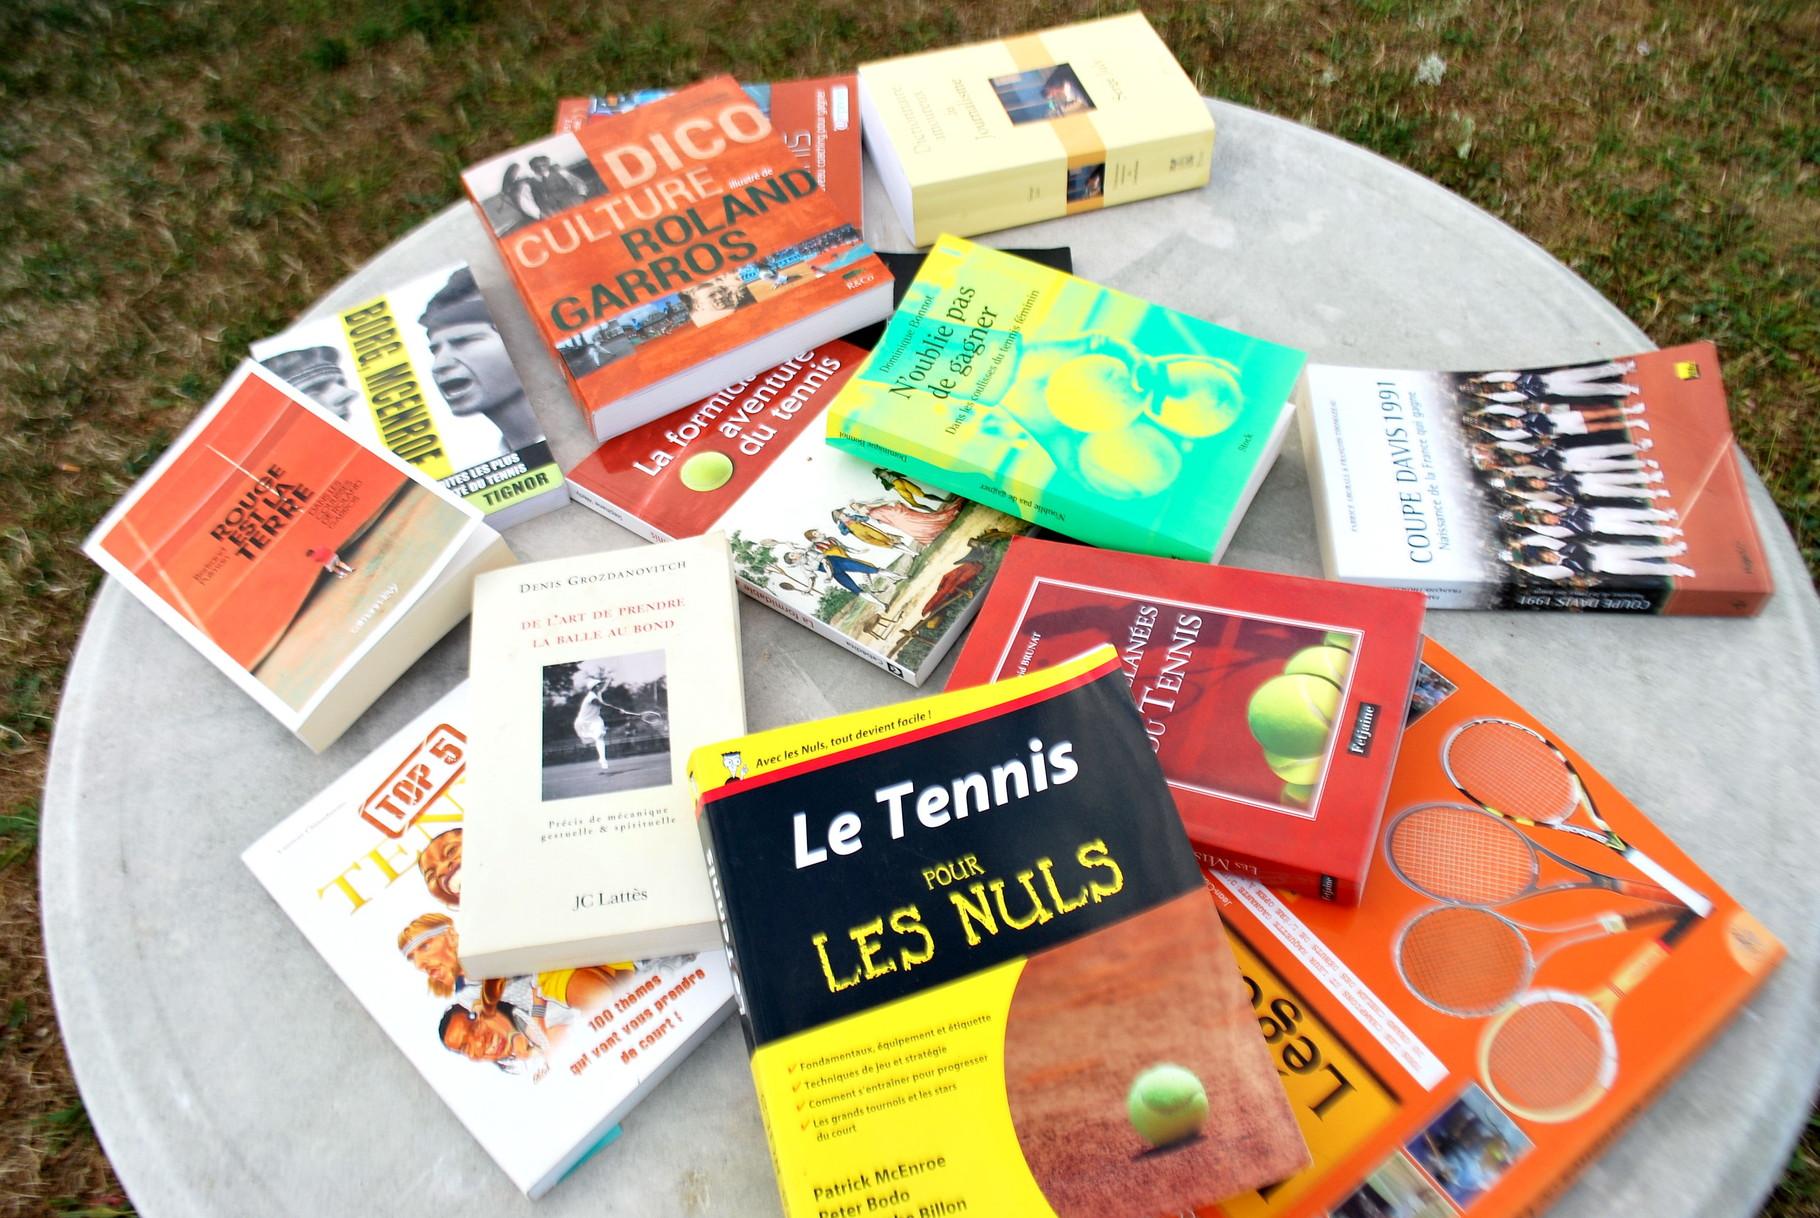 """Pour ceux qui s'ennuient, avec """"Le tennis pour les nuls"""" offert au coach par son pote Titi Aveline : sympa les copains!!"""